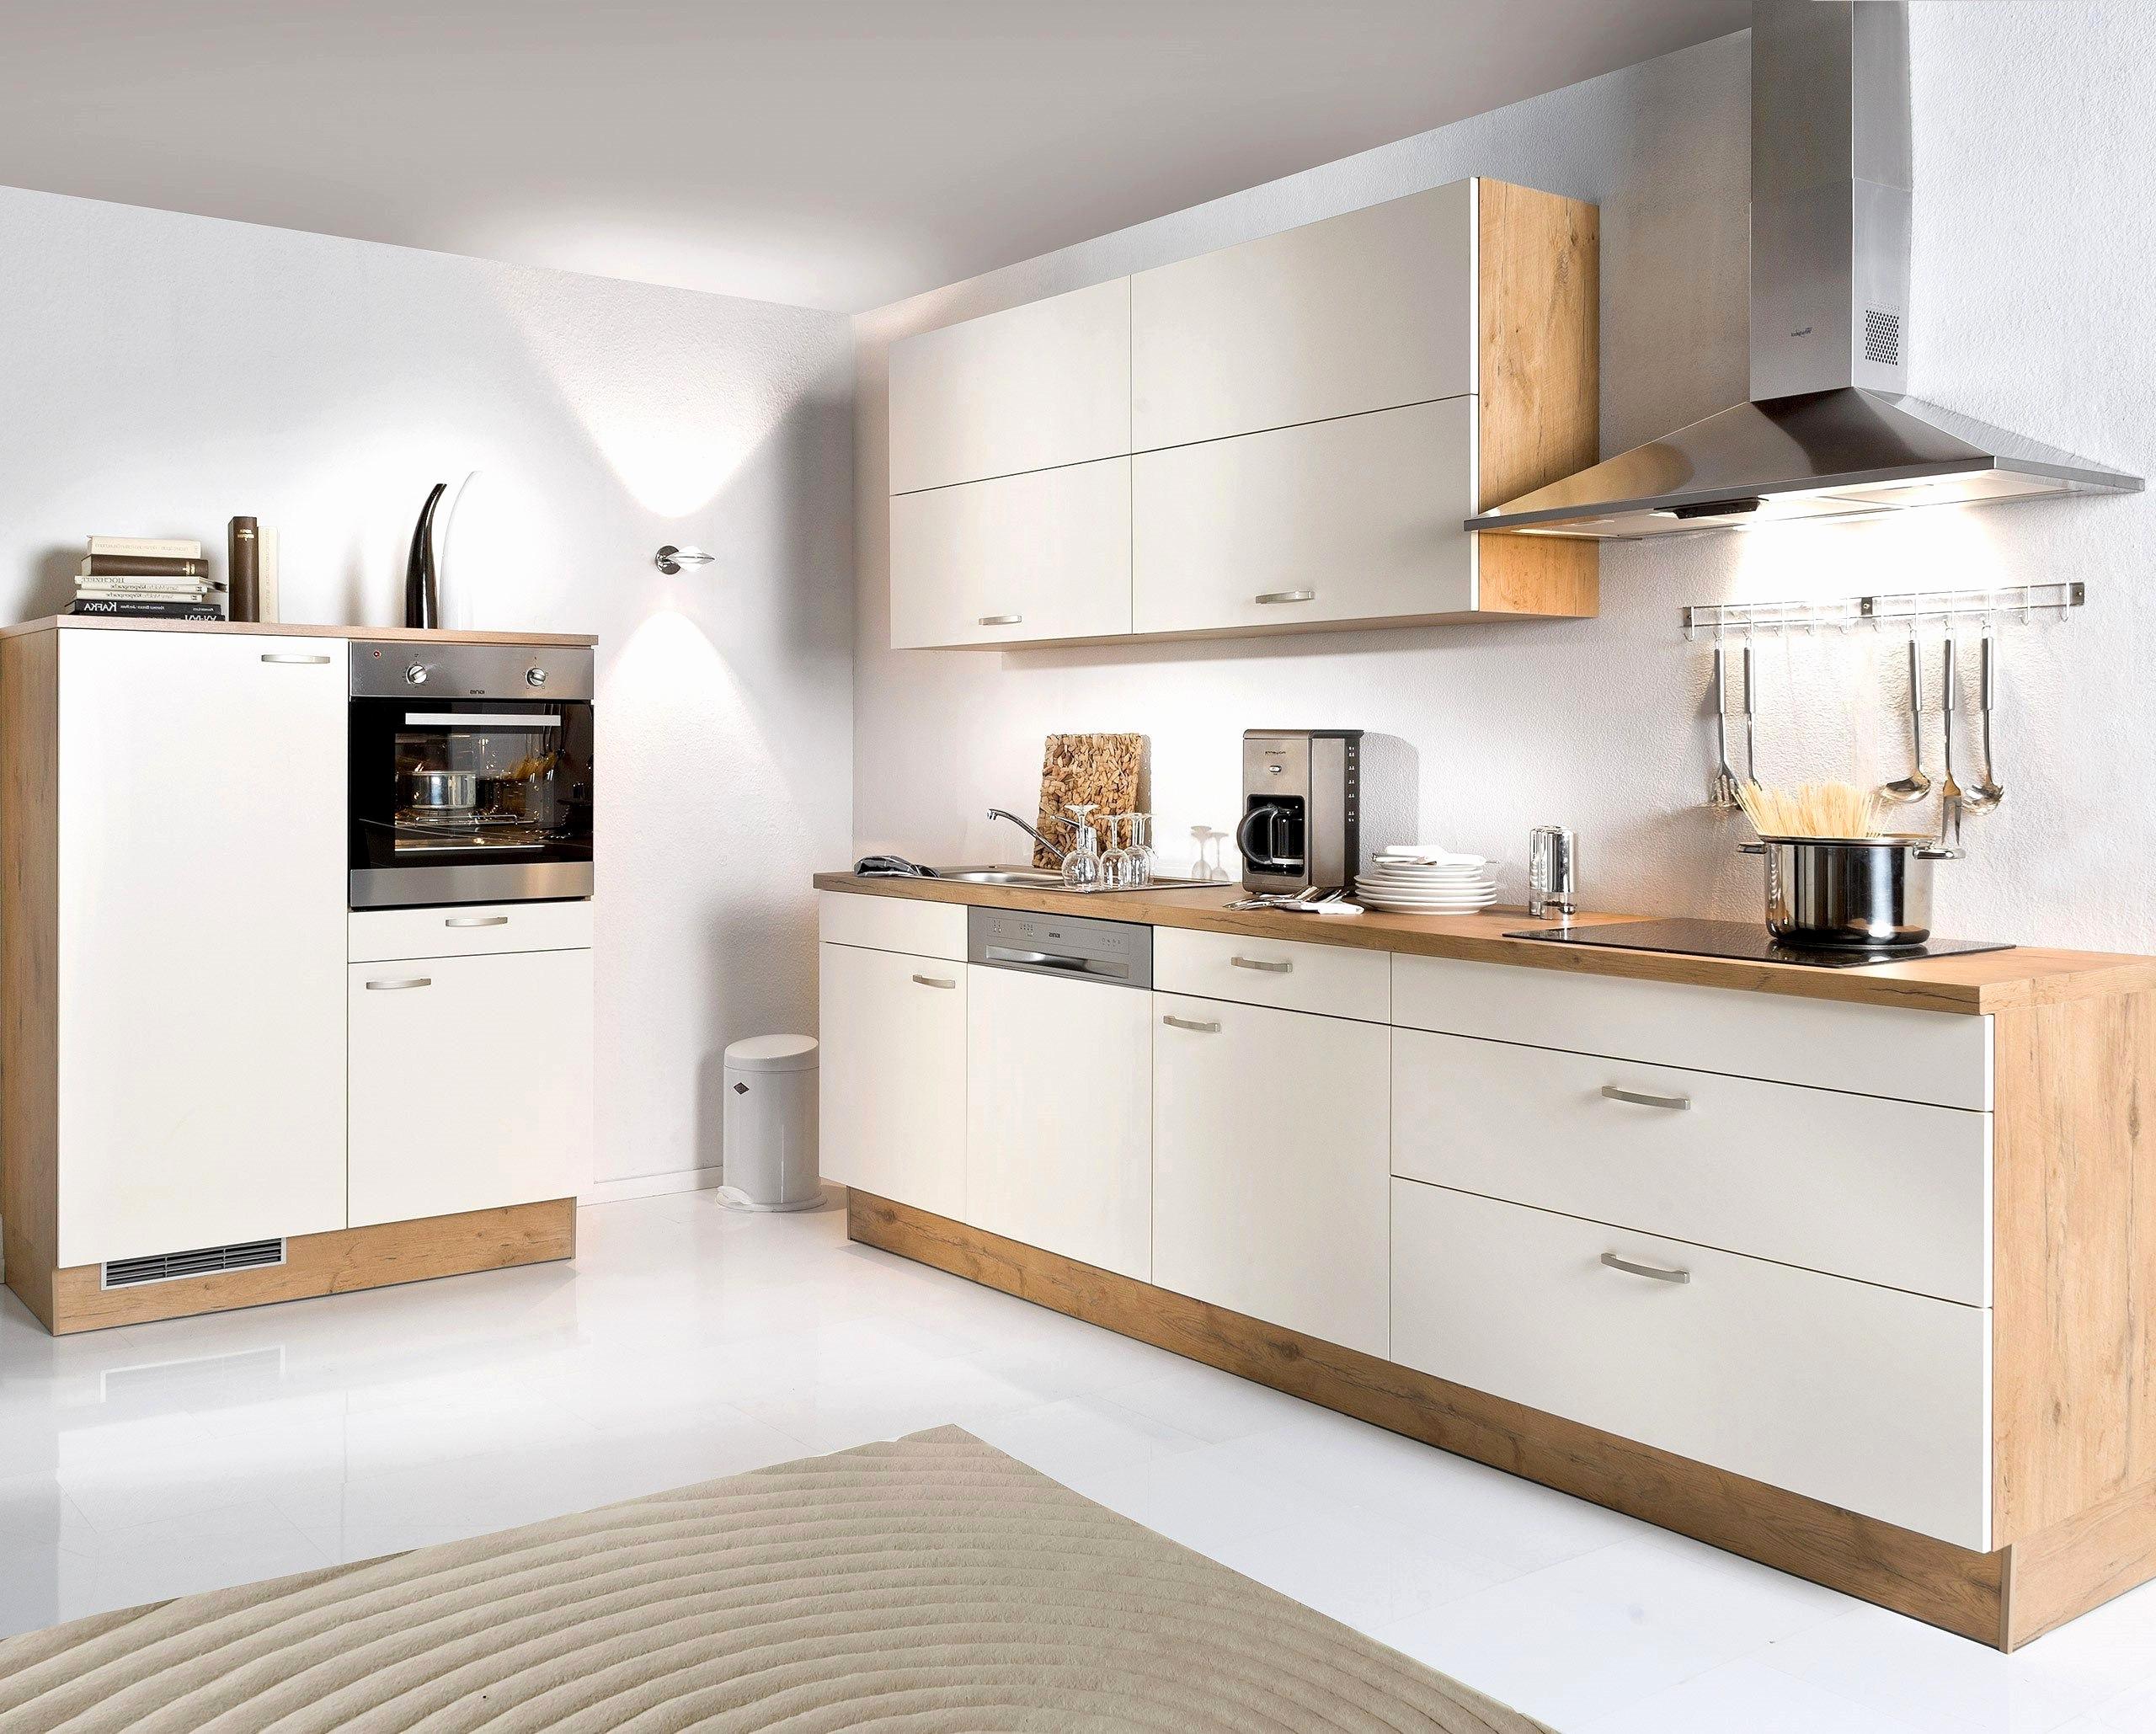 Full Size of Schrankküche Ikea Single Kche 44 Genial Stock Von 2020 Küche Kosten Betten 160x200 Bei Miniküche Sofa Mit Schlaffunktion Modulküche Kaufen Wohnzimmer Schrankküche Ikea